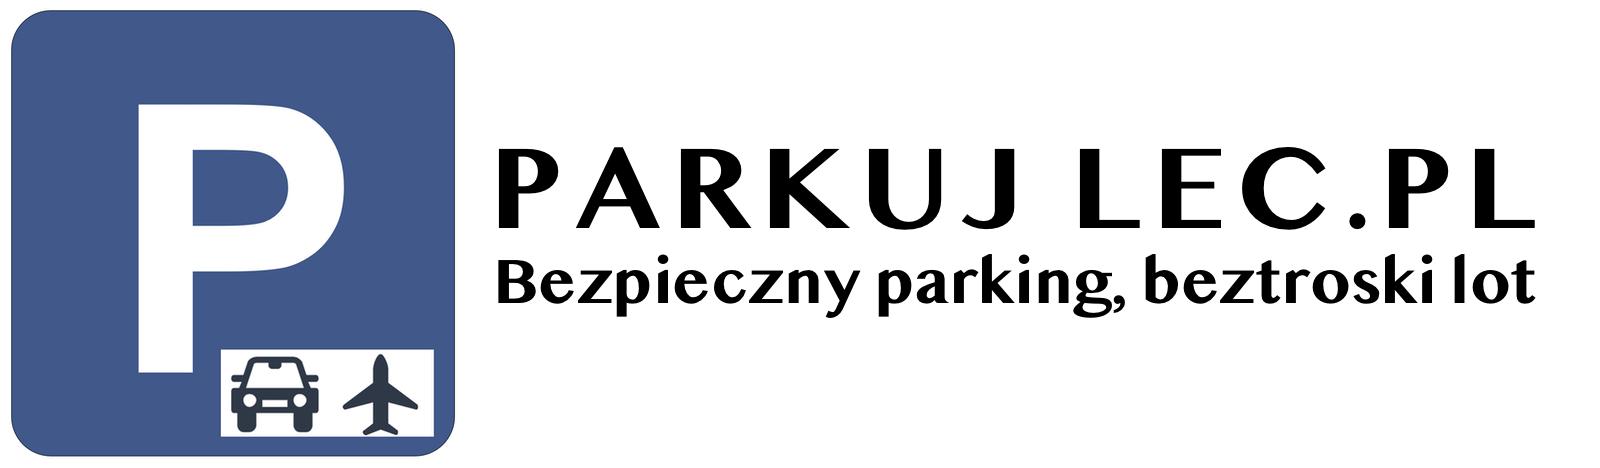 PARKING-WARSZAWA.pl